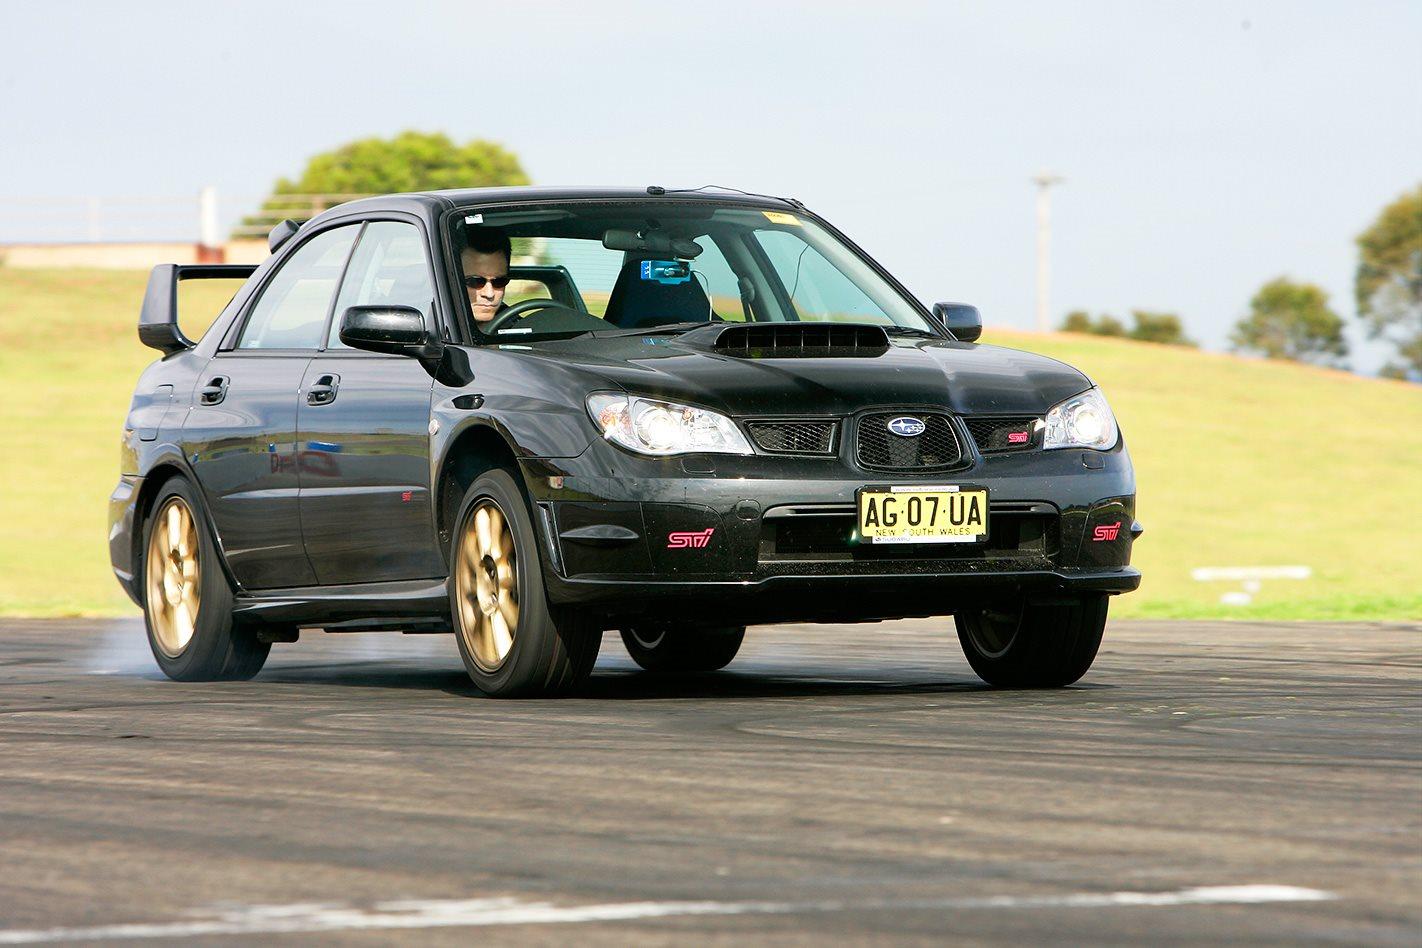 2005 Subaru WRX STi .jpg